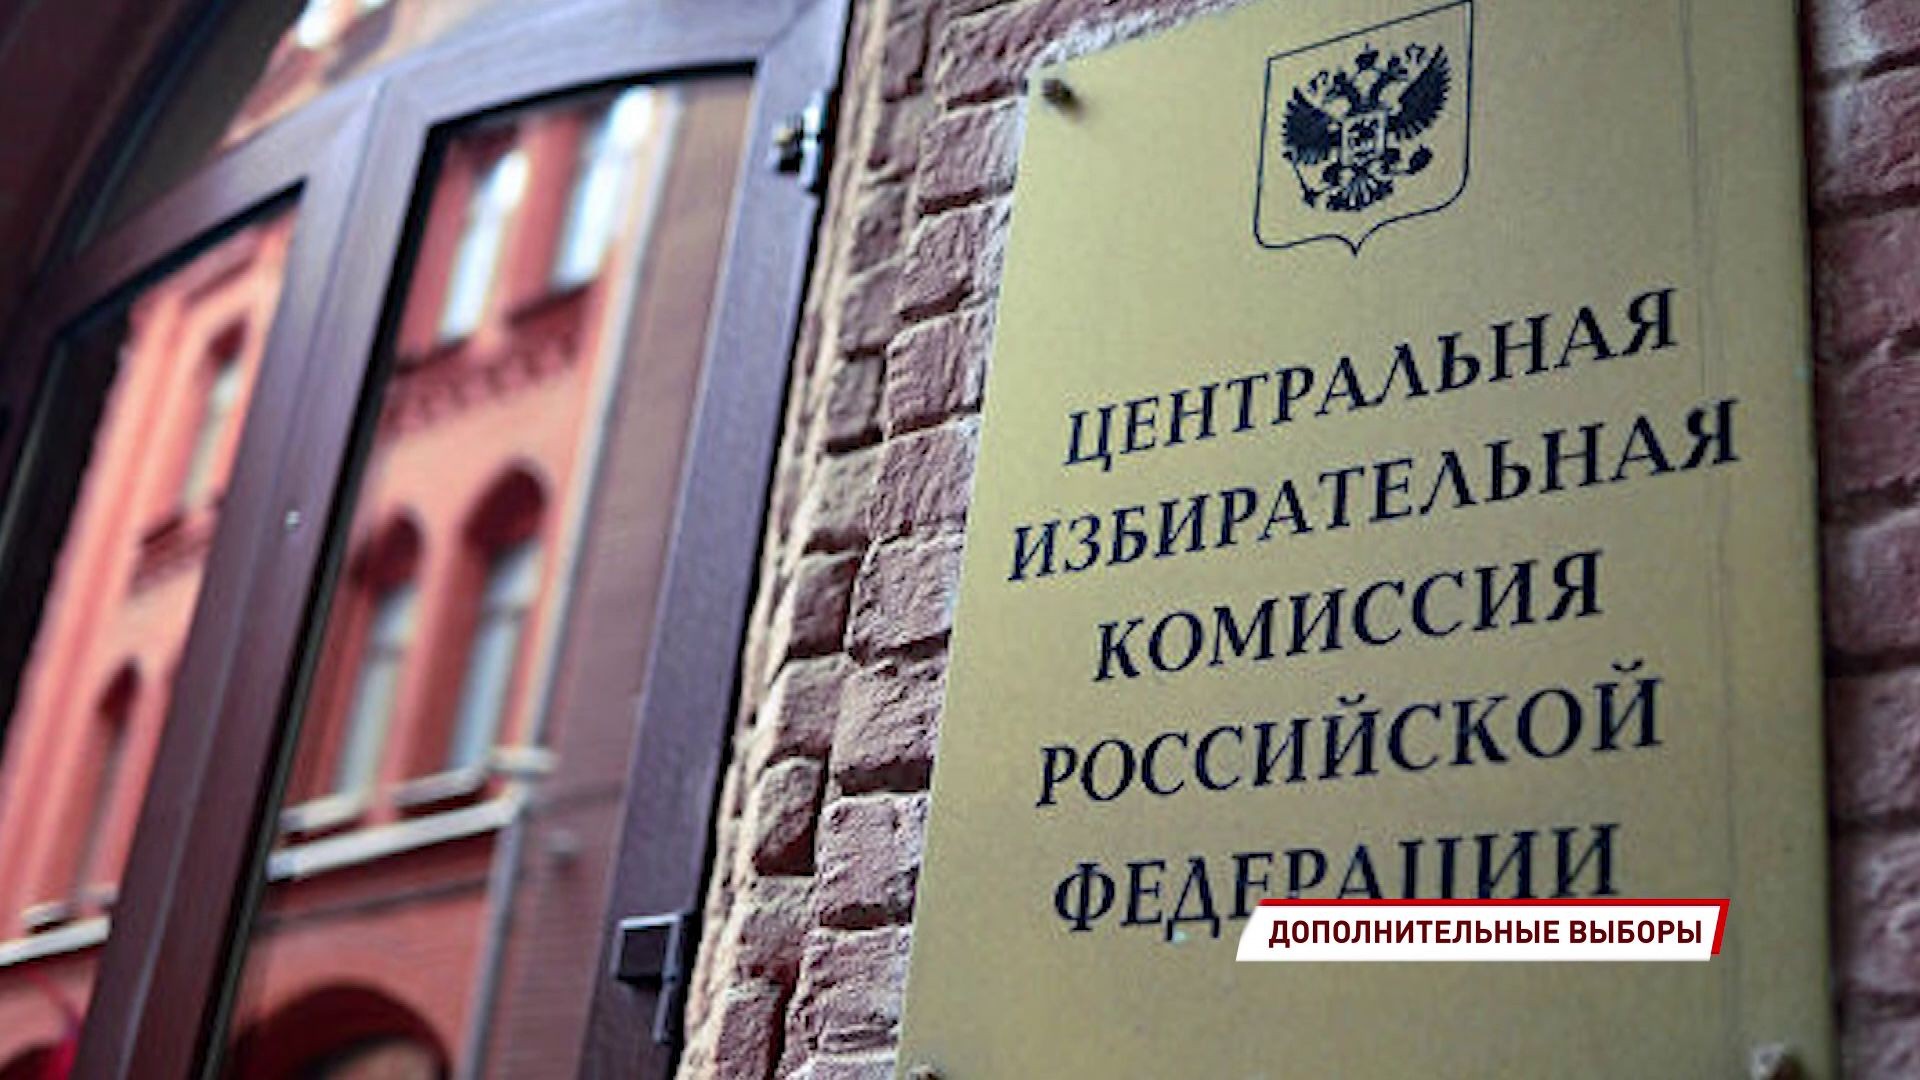 Дополнительные выборы в Государственную Думу: кто из ярославцев подал заявку?